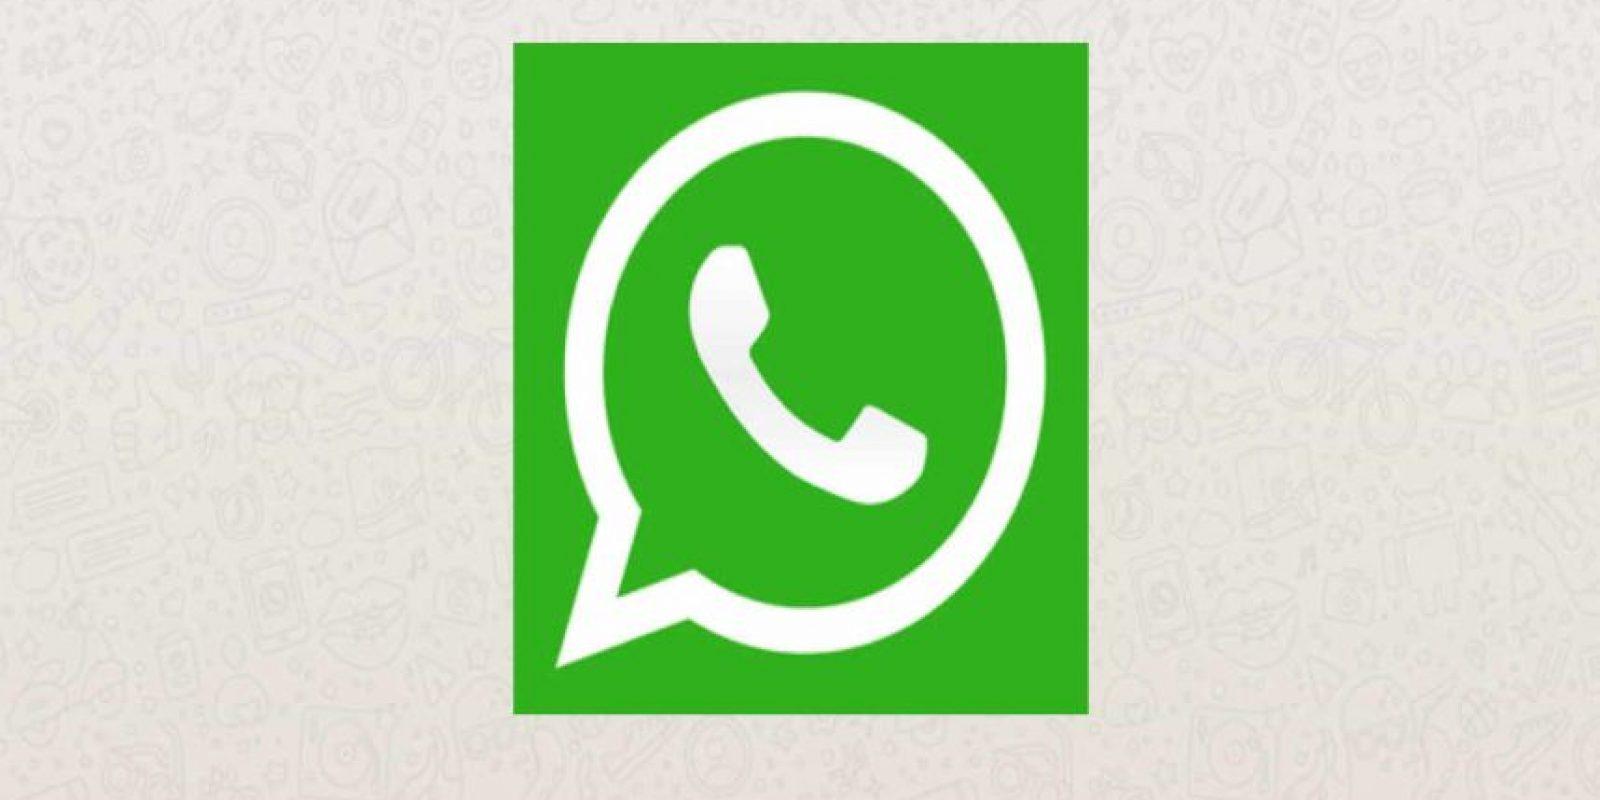 WhatsApp, como cualquier otra red social o aplicación, tiene reglas para sus usuarios. Foto:WhatsApp. Imagen Por: